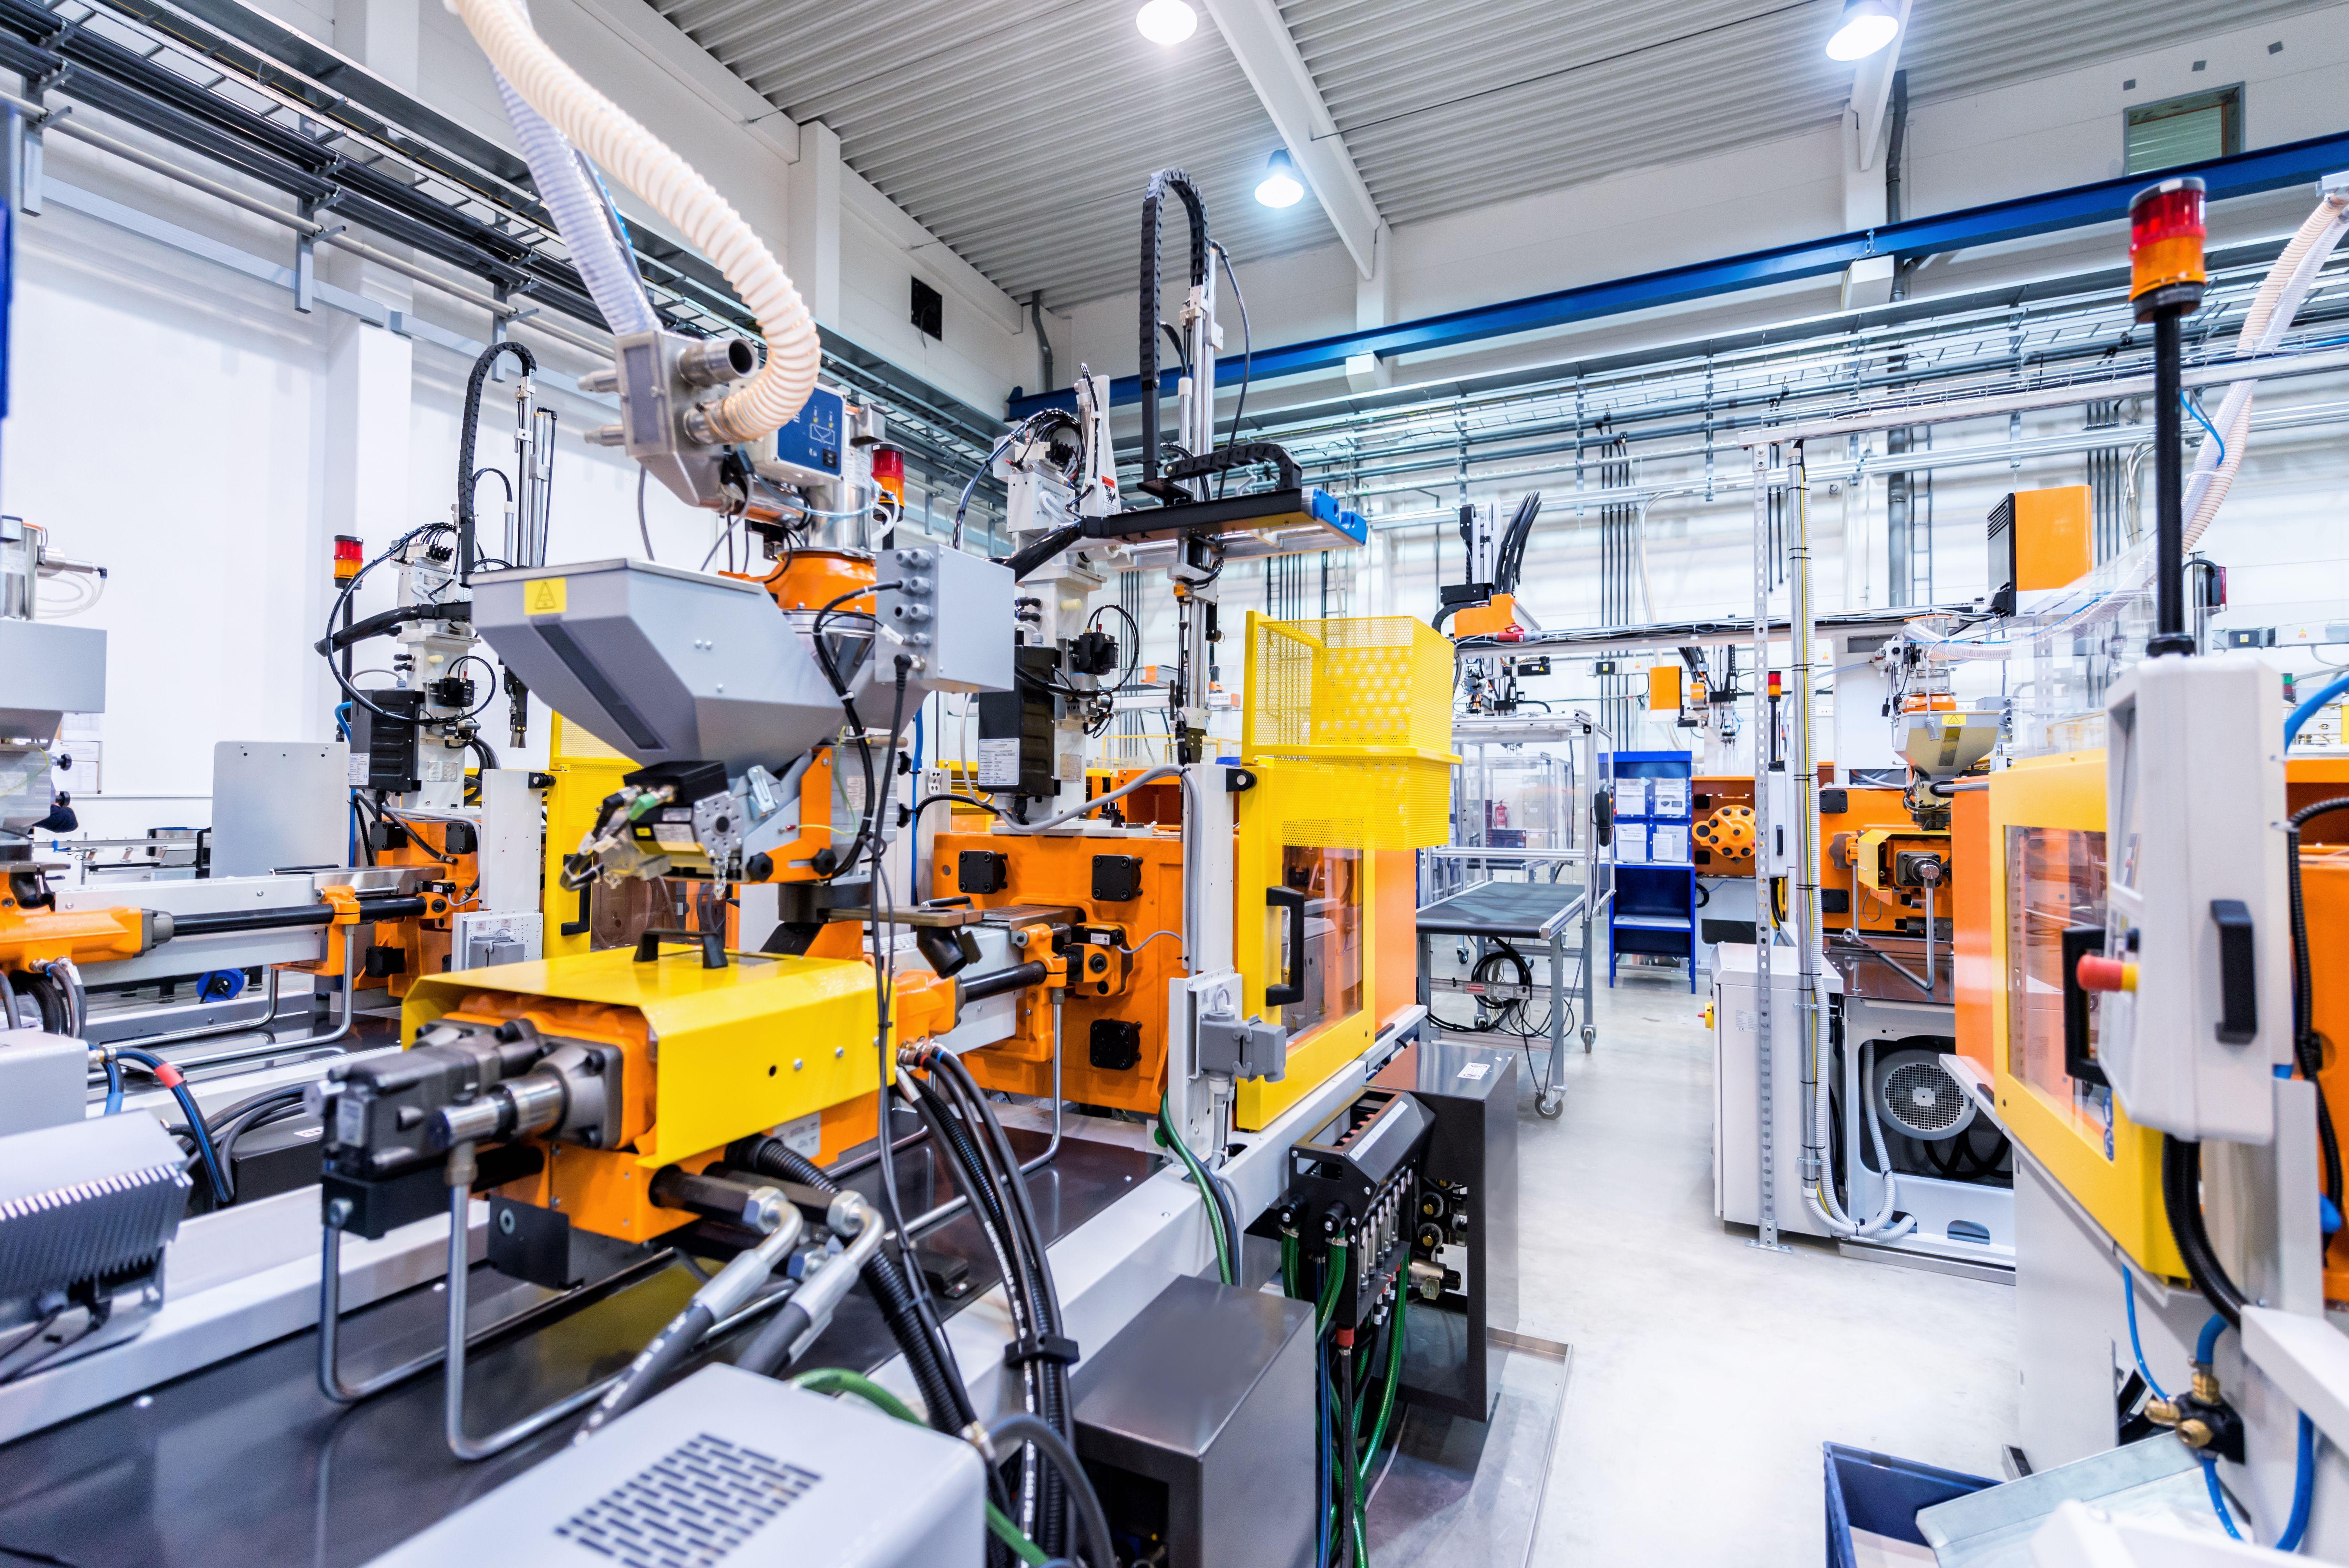 Reparación y mantenimiento de instalaciones eléctricas industriales: Servicios de Carmelo Silvera y Asociados, S.L.